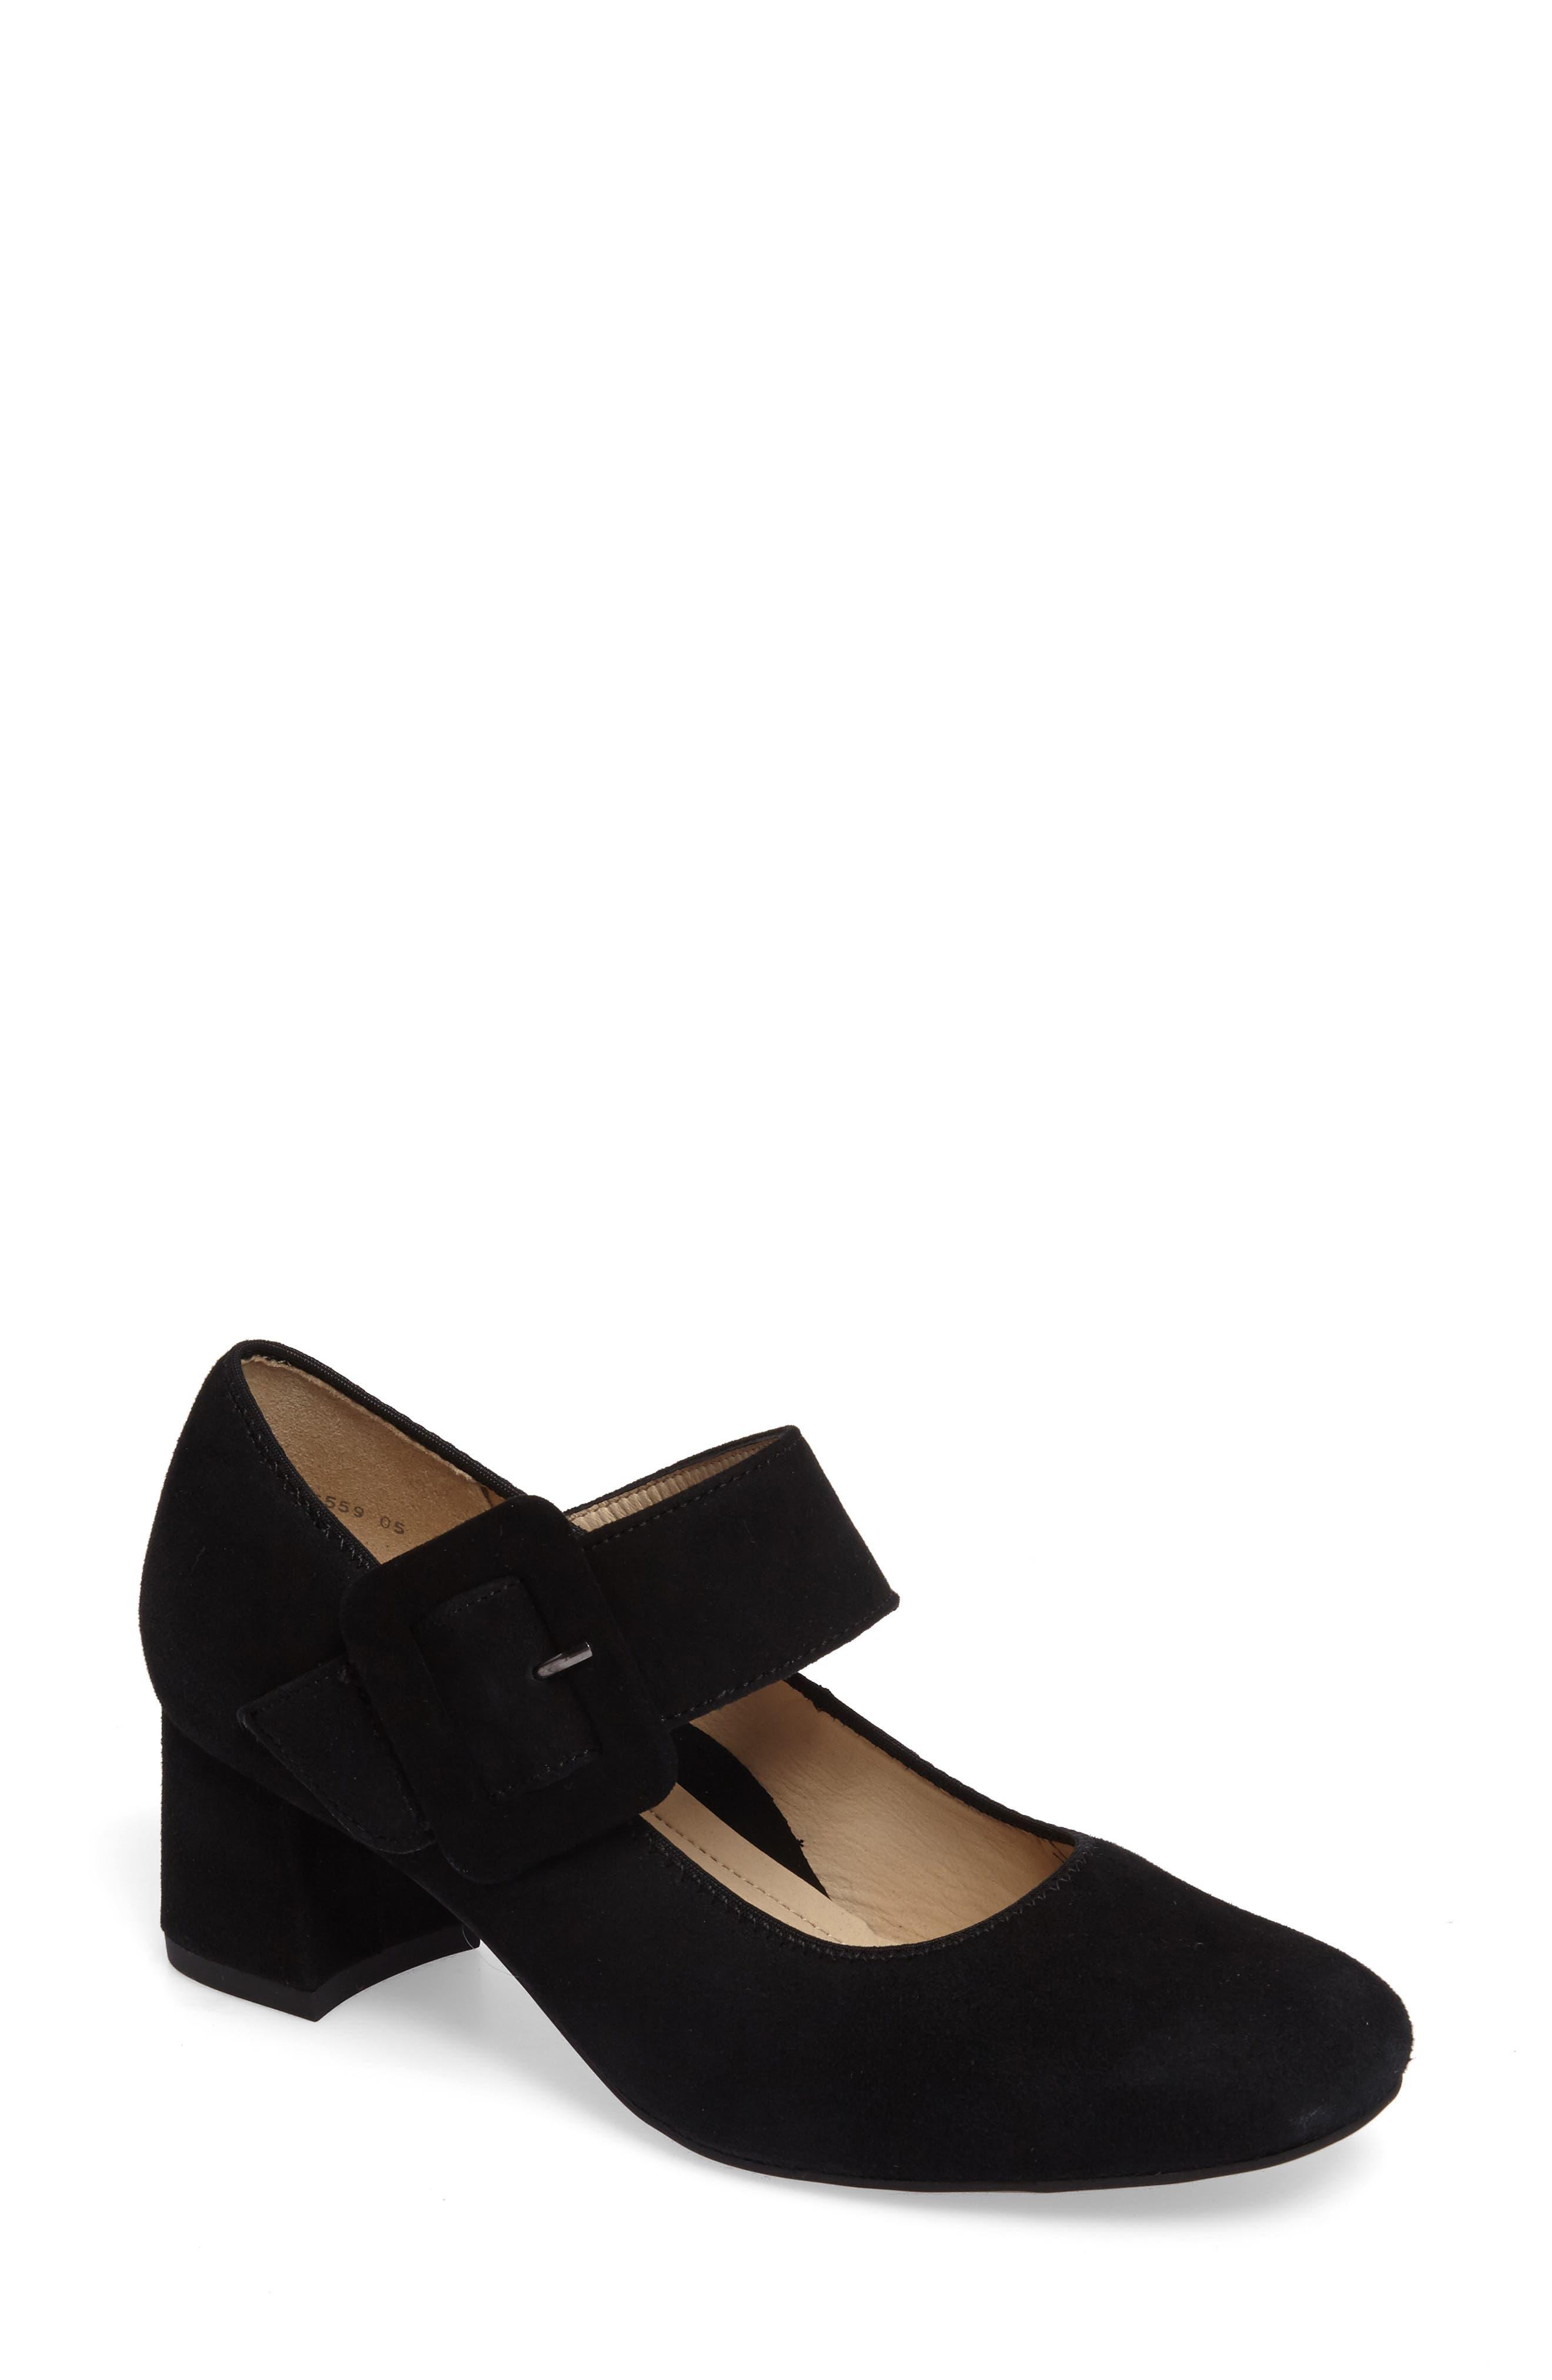 a5f3f3fa4ef mary jane heels